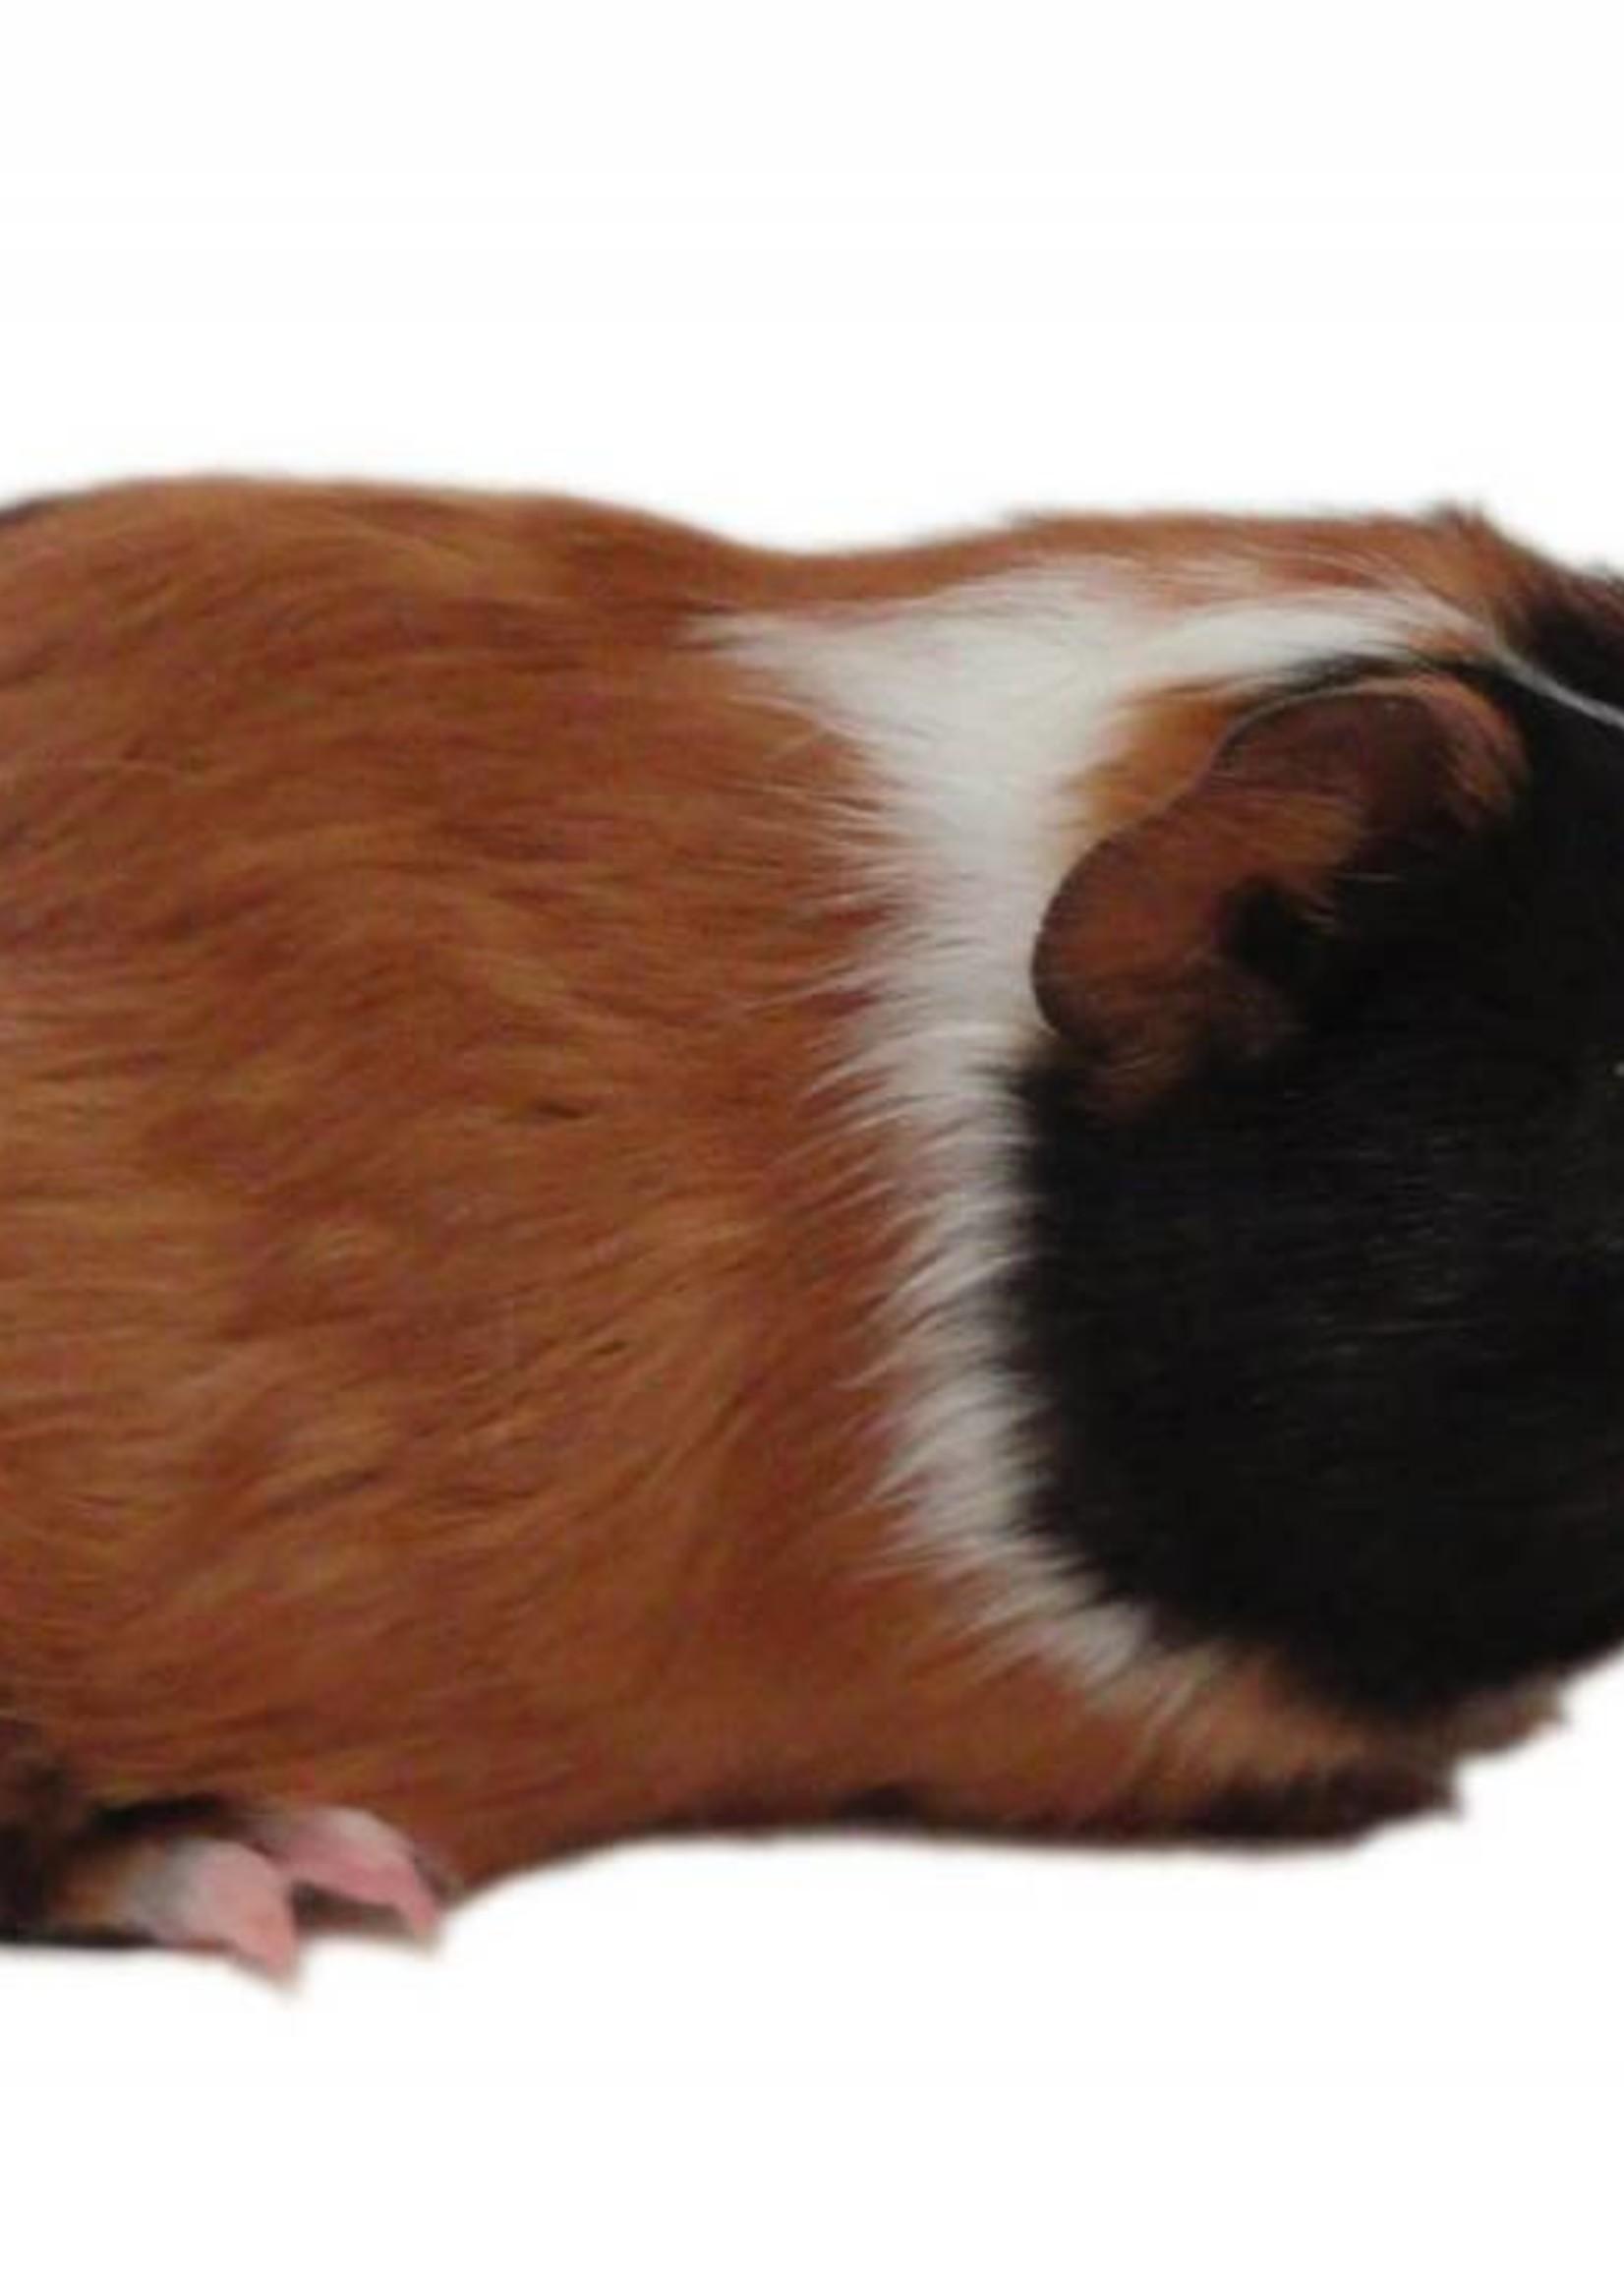 Frozen Guinea Pig 1.0-1.5lb